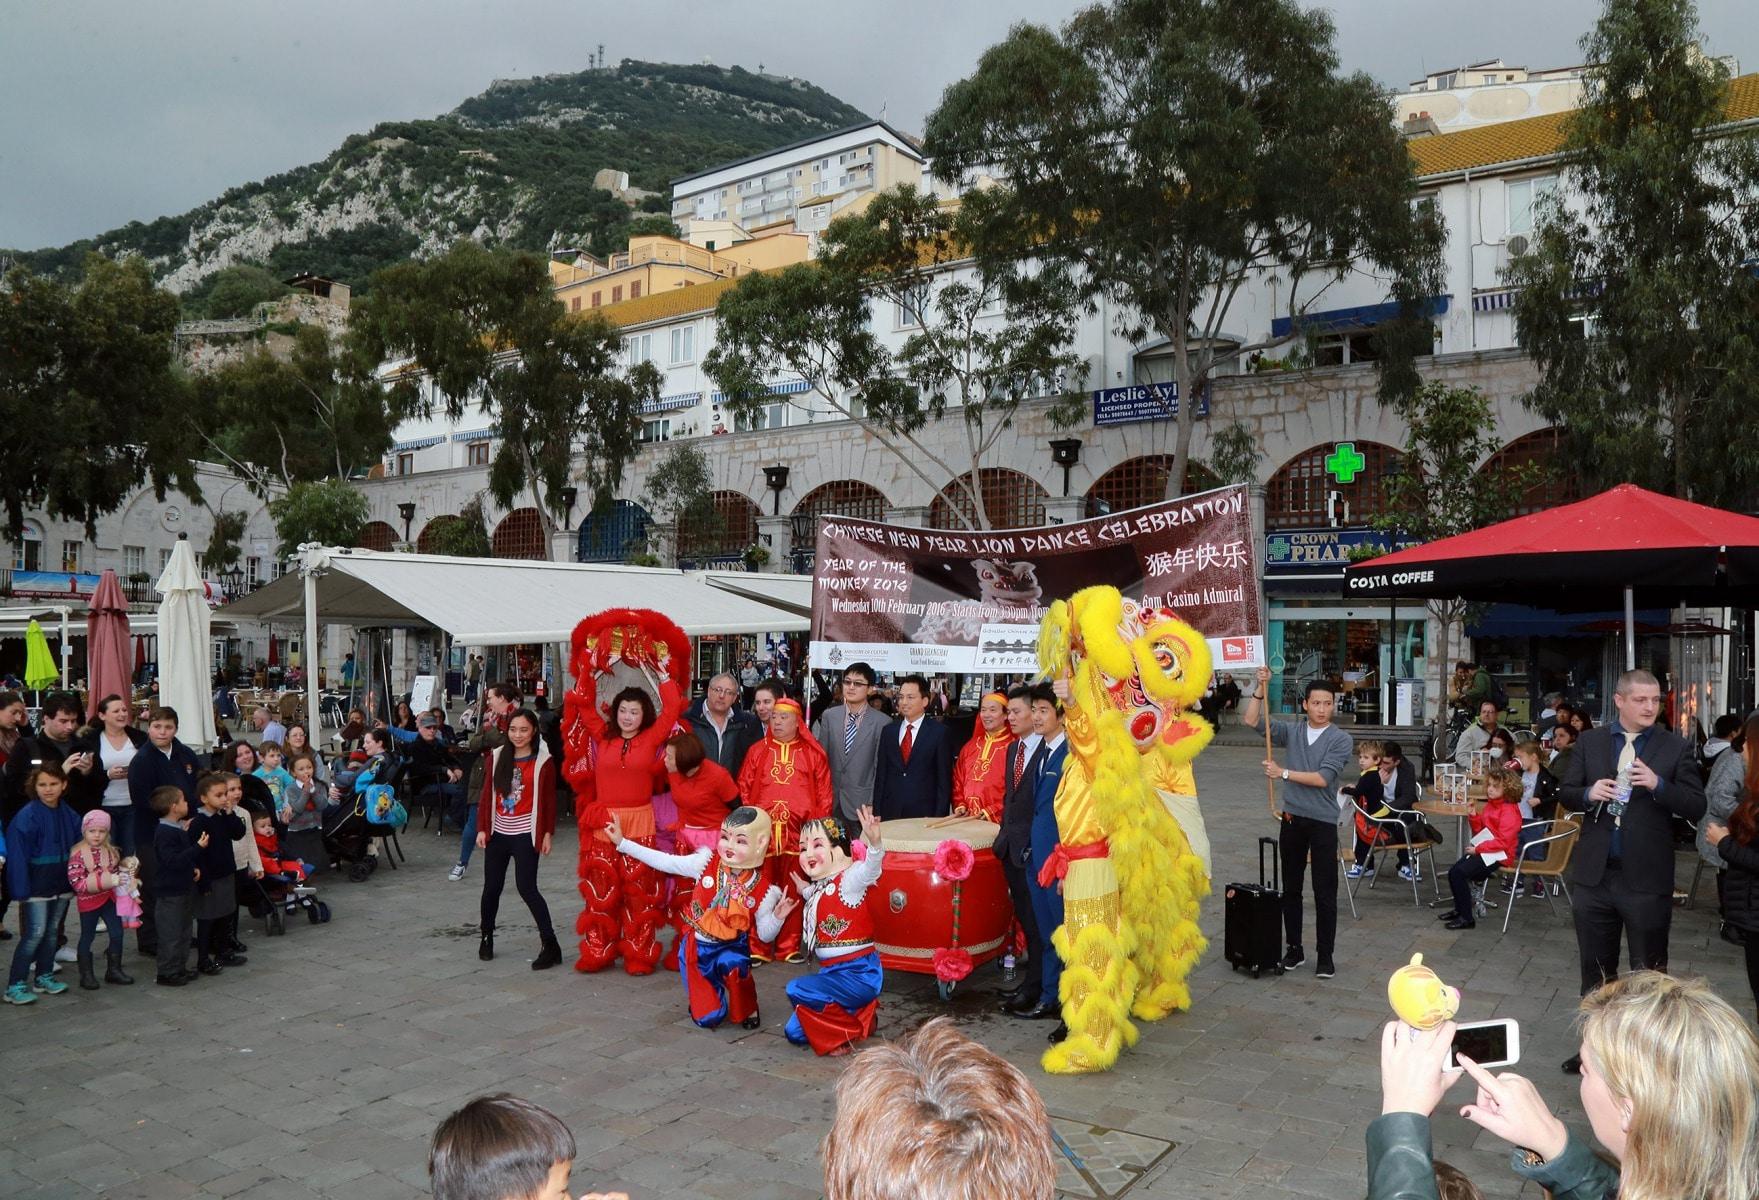 10-feb-2016-celebracin-en-gibraltar-del-ao-nuevo-chino-23_24645628280_o